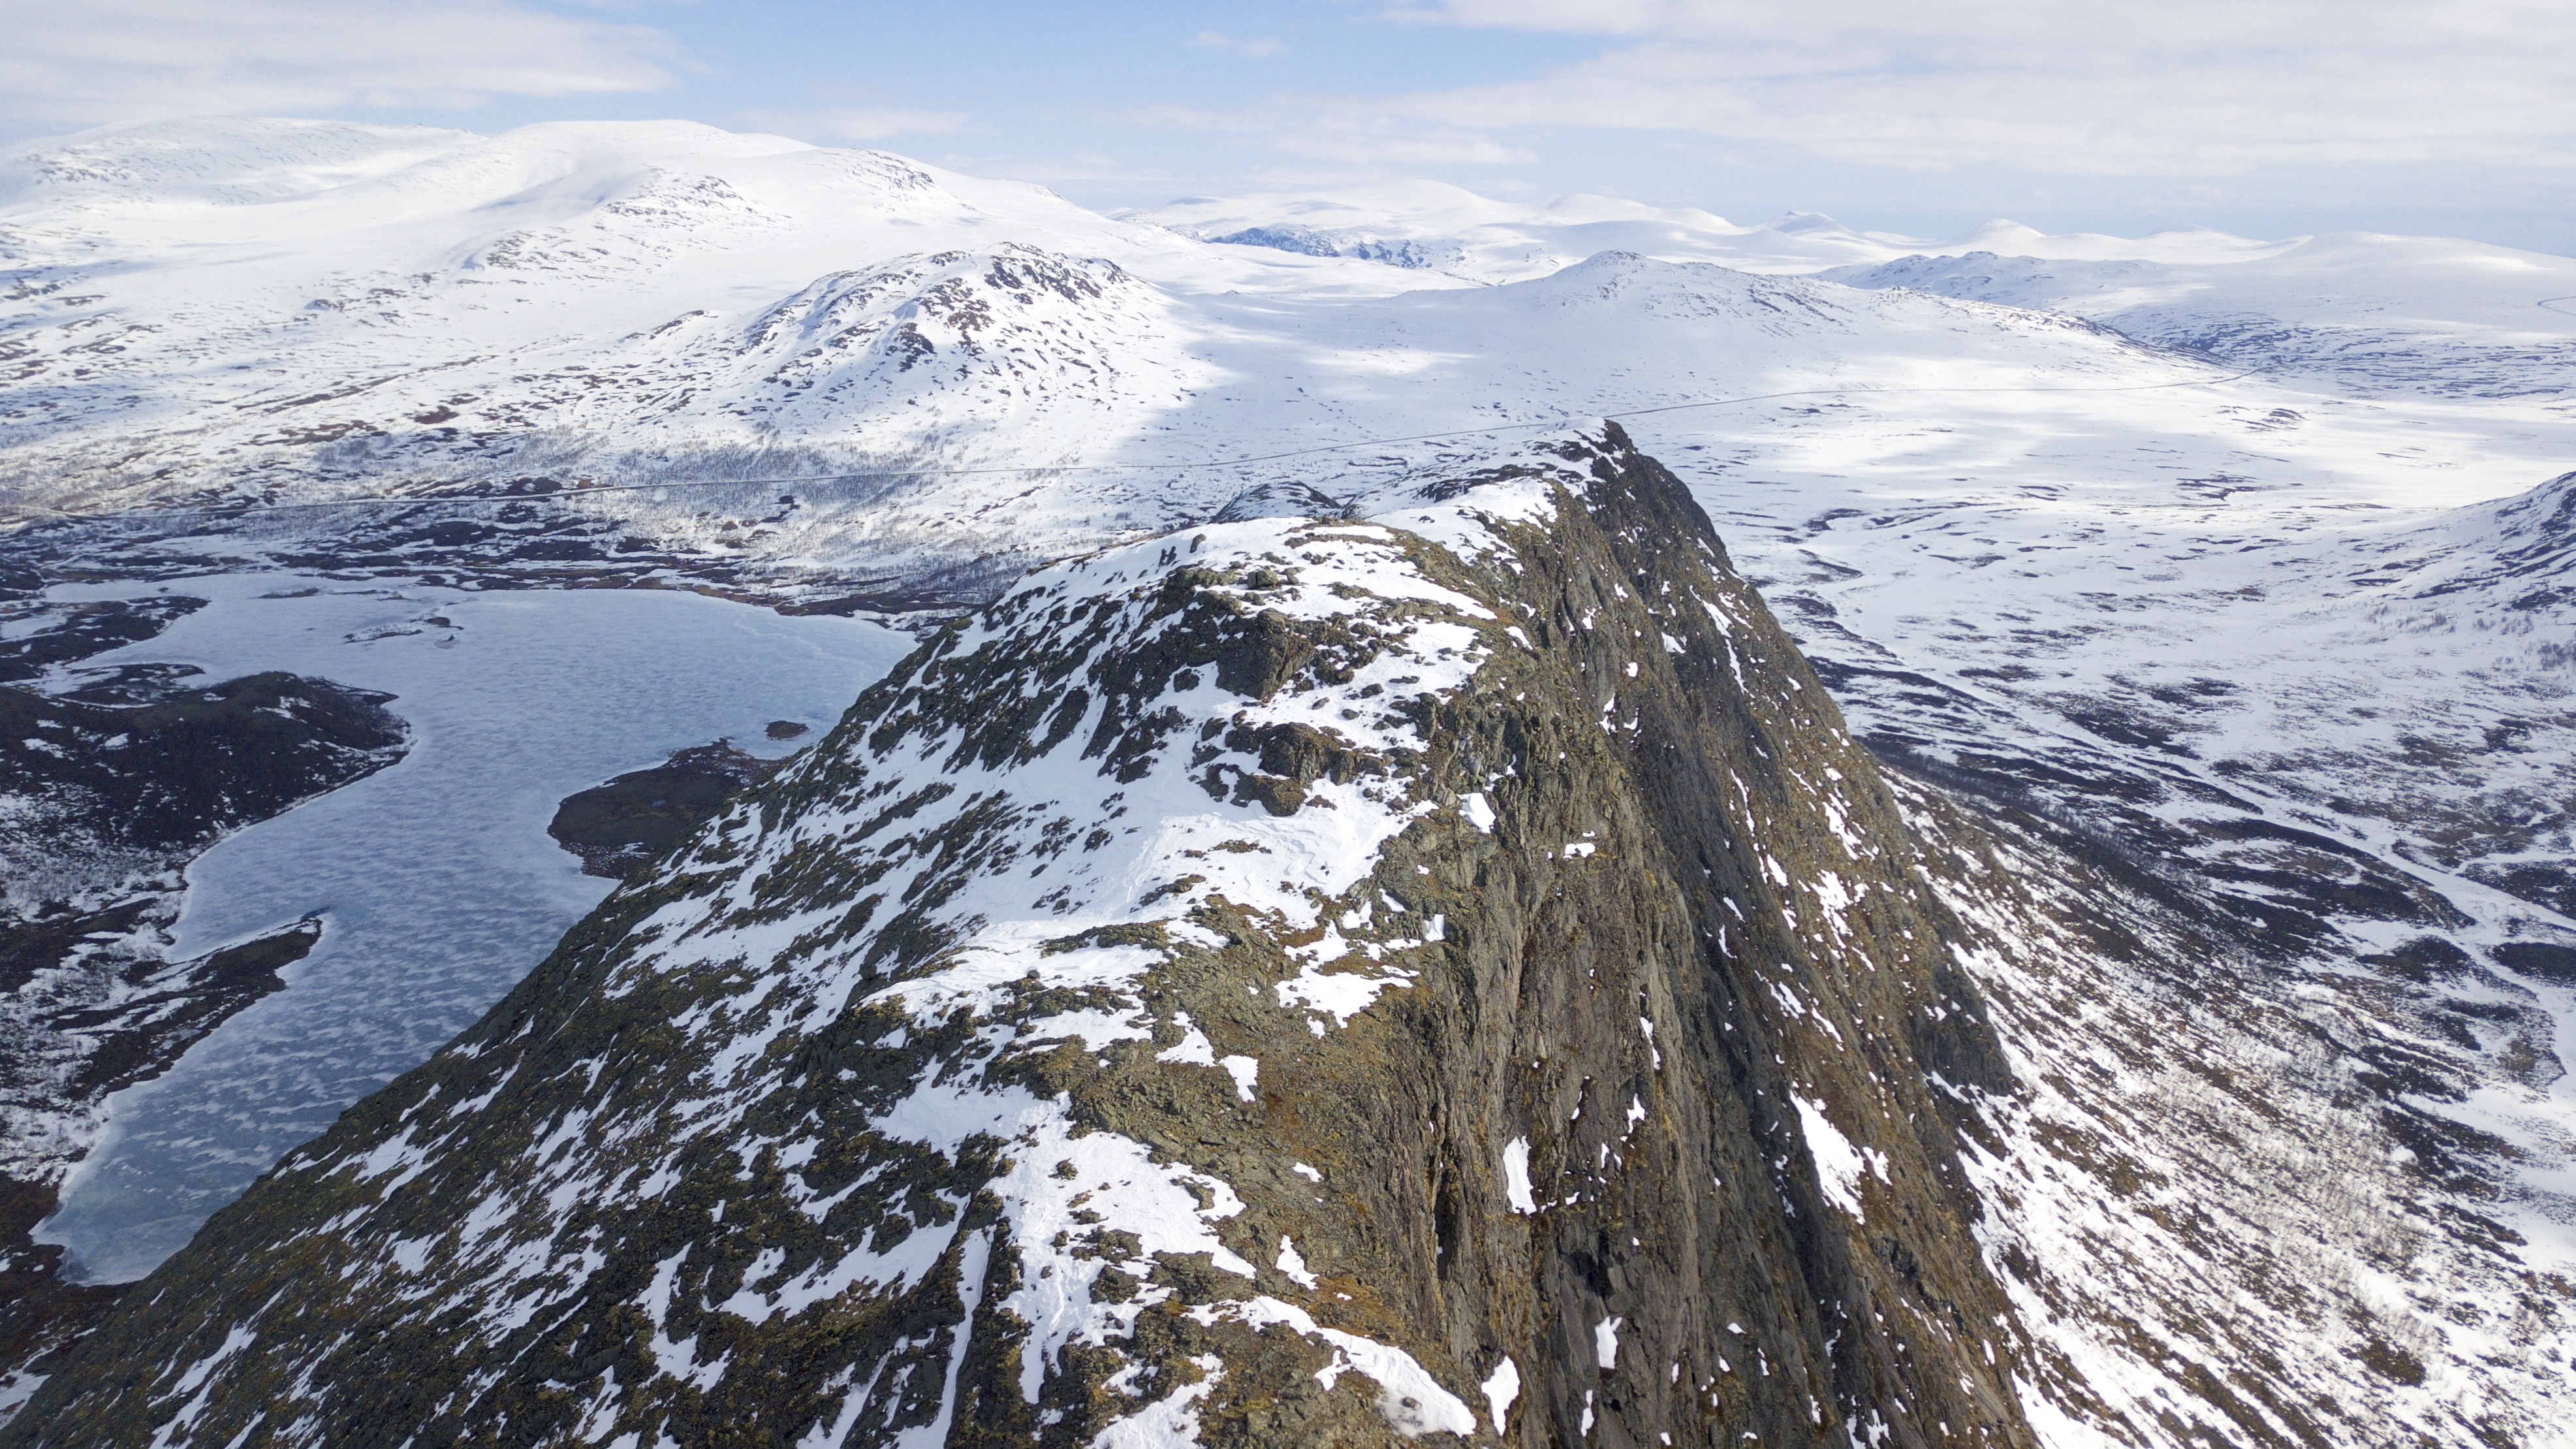 Toppen av Knutshøe (1.517 moh) ved inngangen til Jotunheimen i øst.